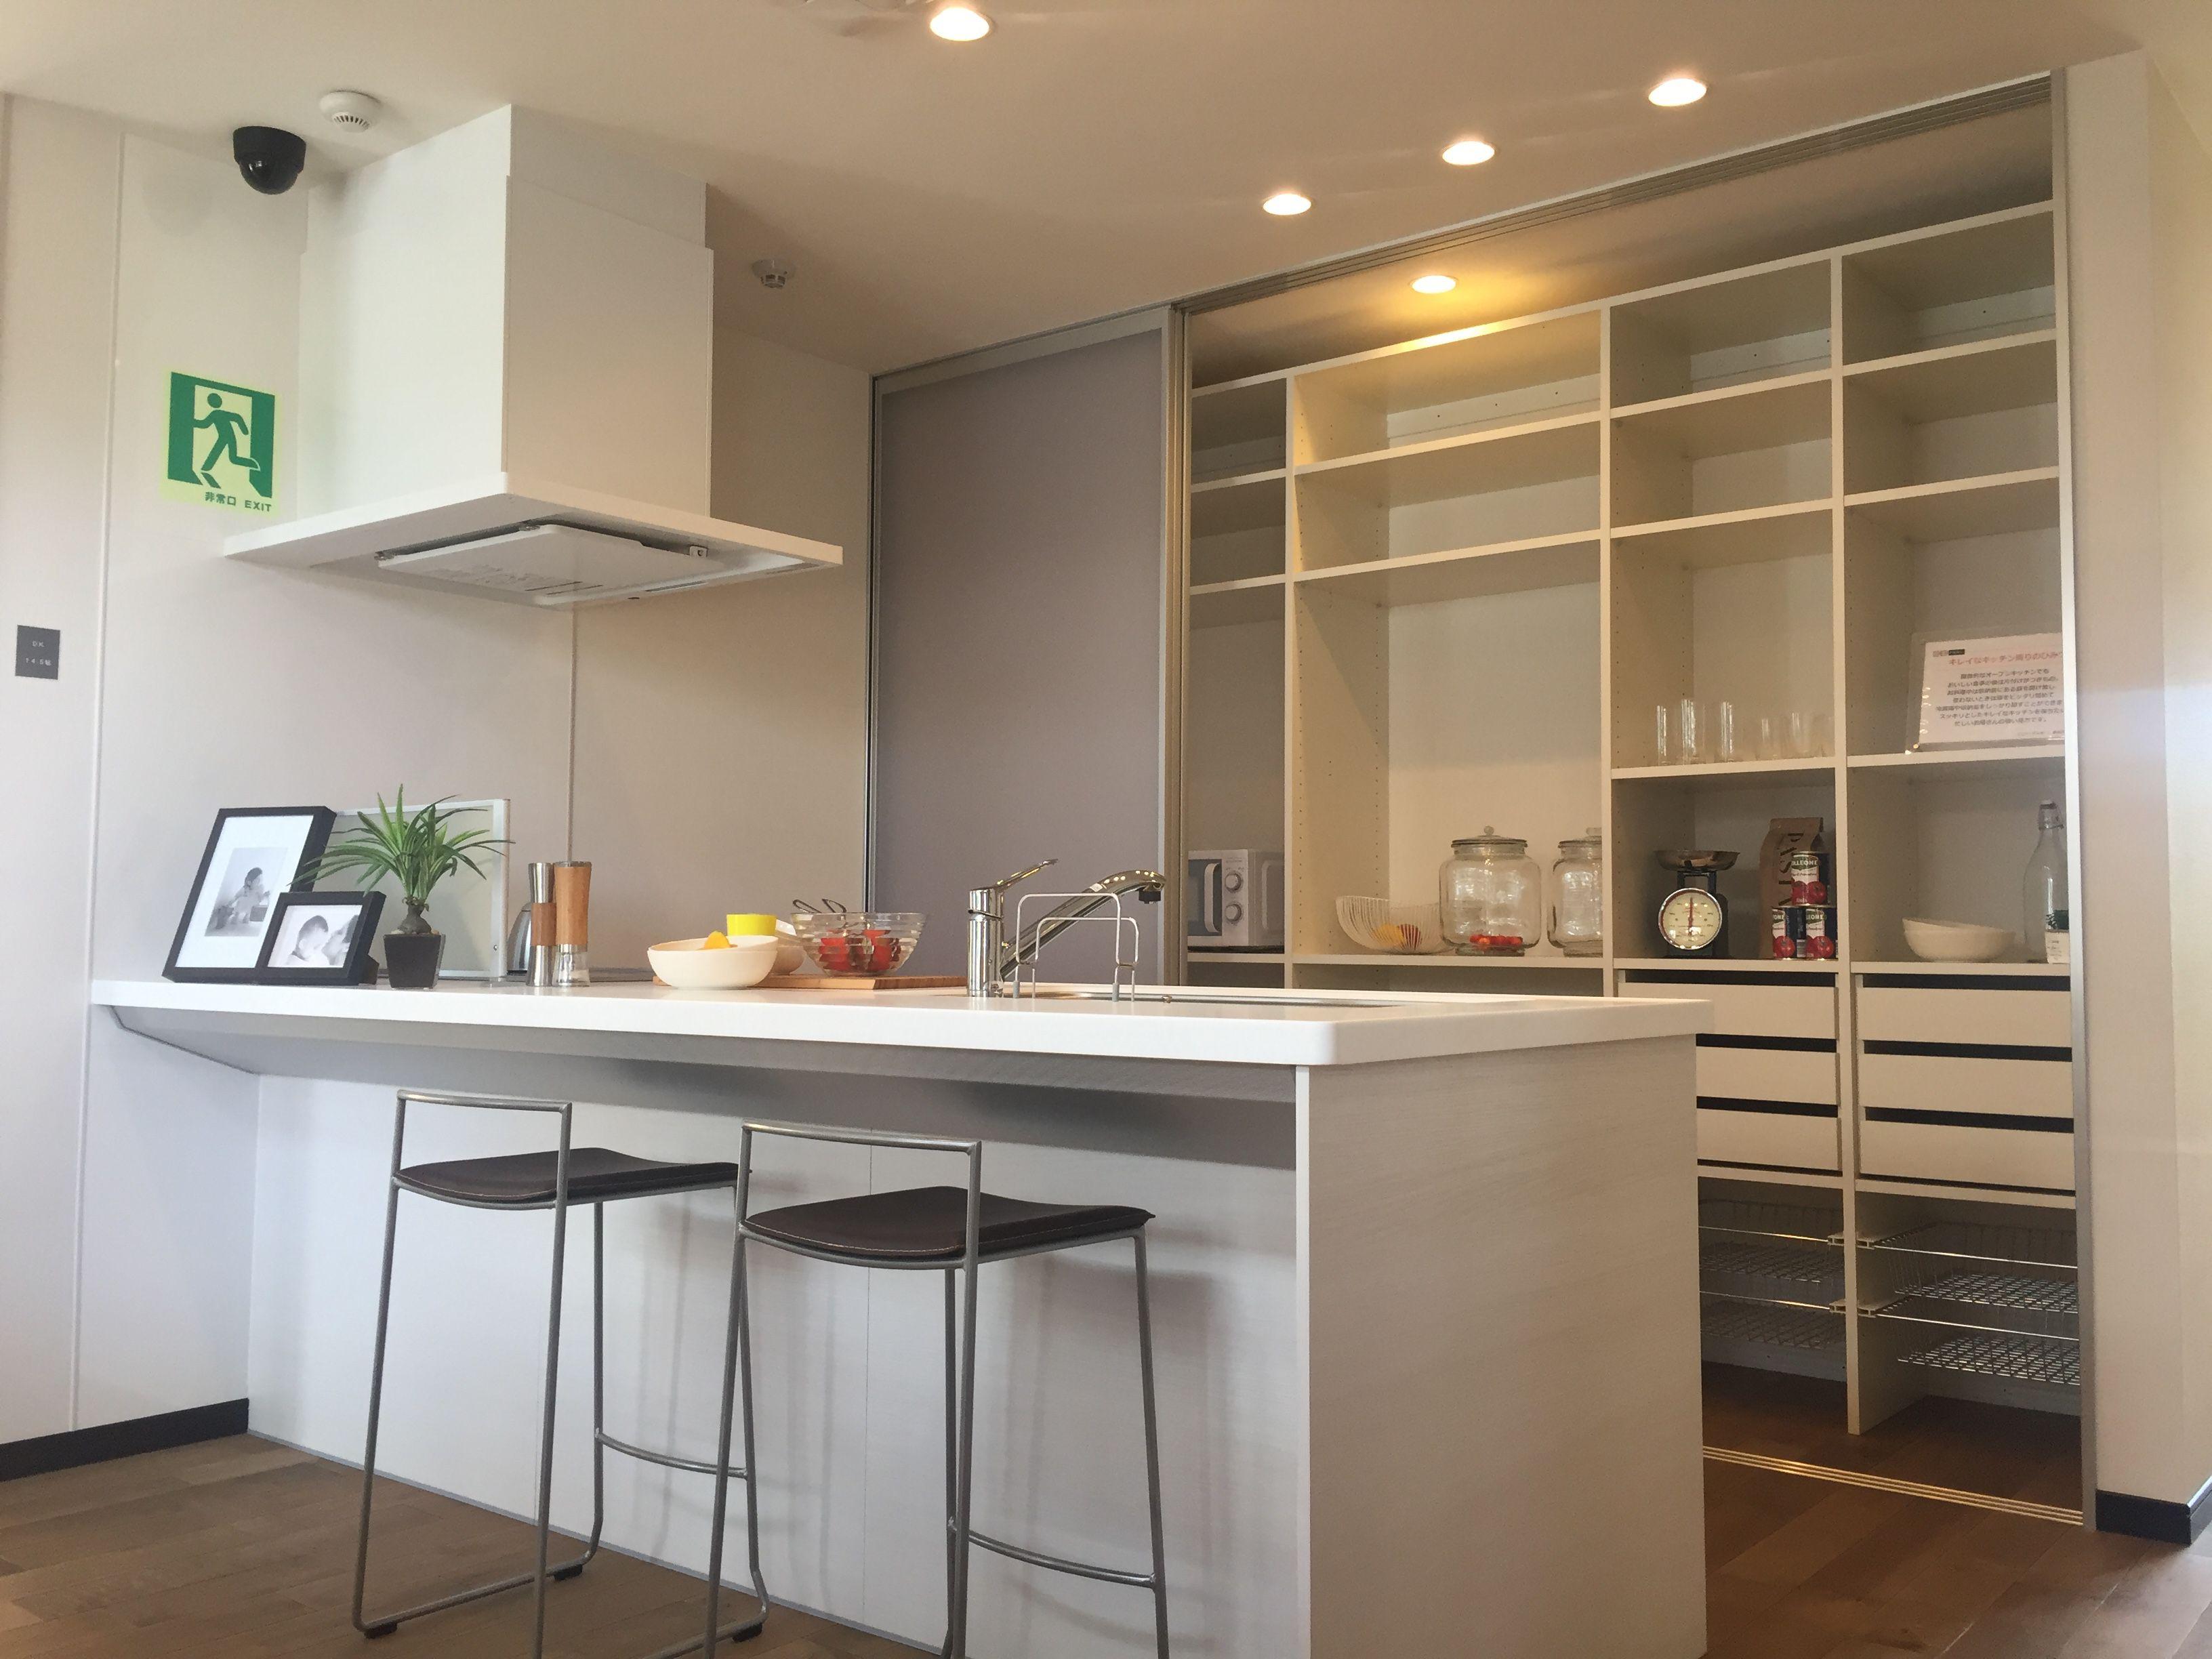 キッチンの背面にあるクリアウォールを閉めれば、大きなキッチン収納もシンプルな壁に変身。部屋全体がスッキリとします。